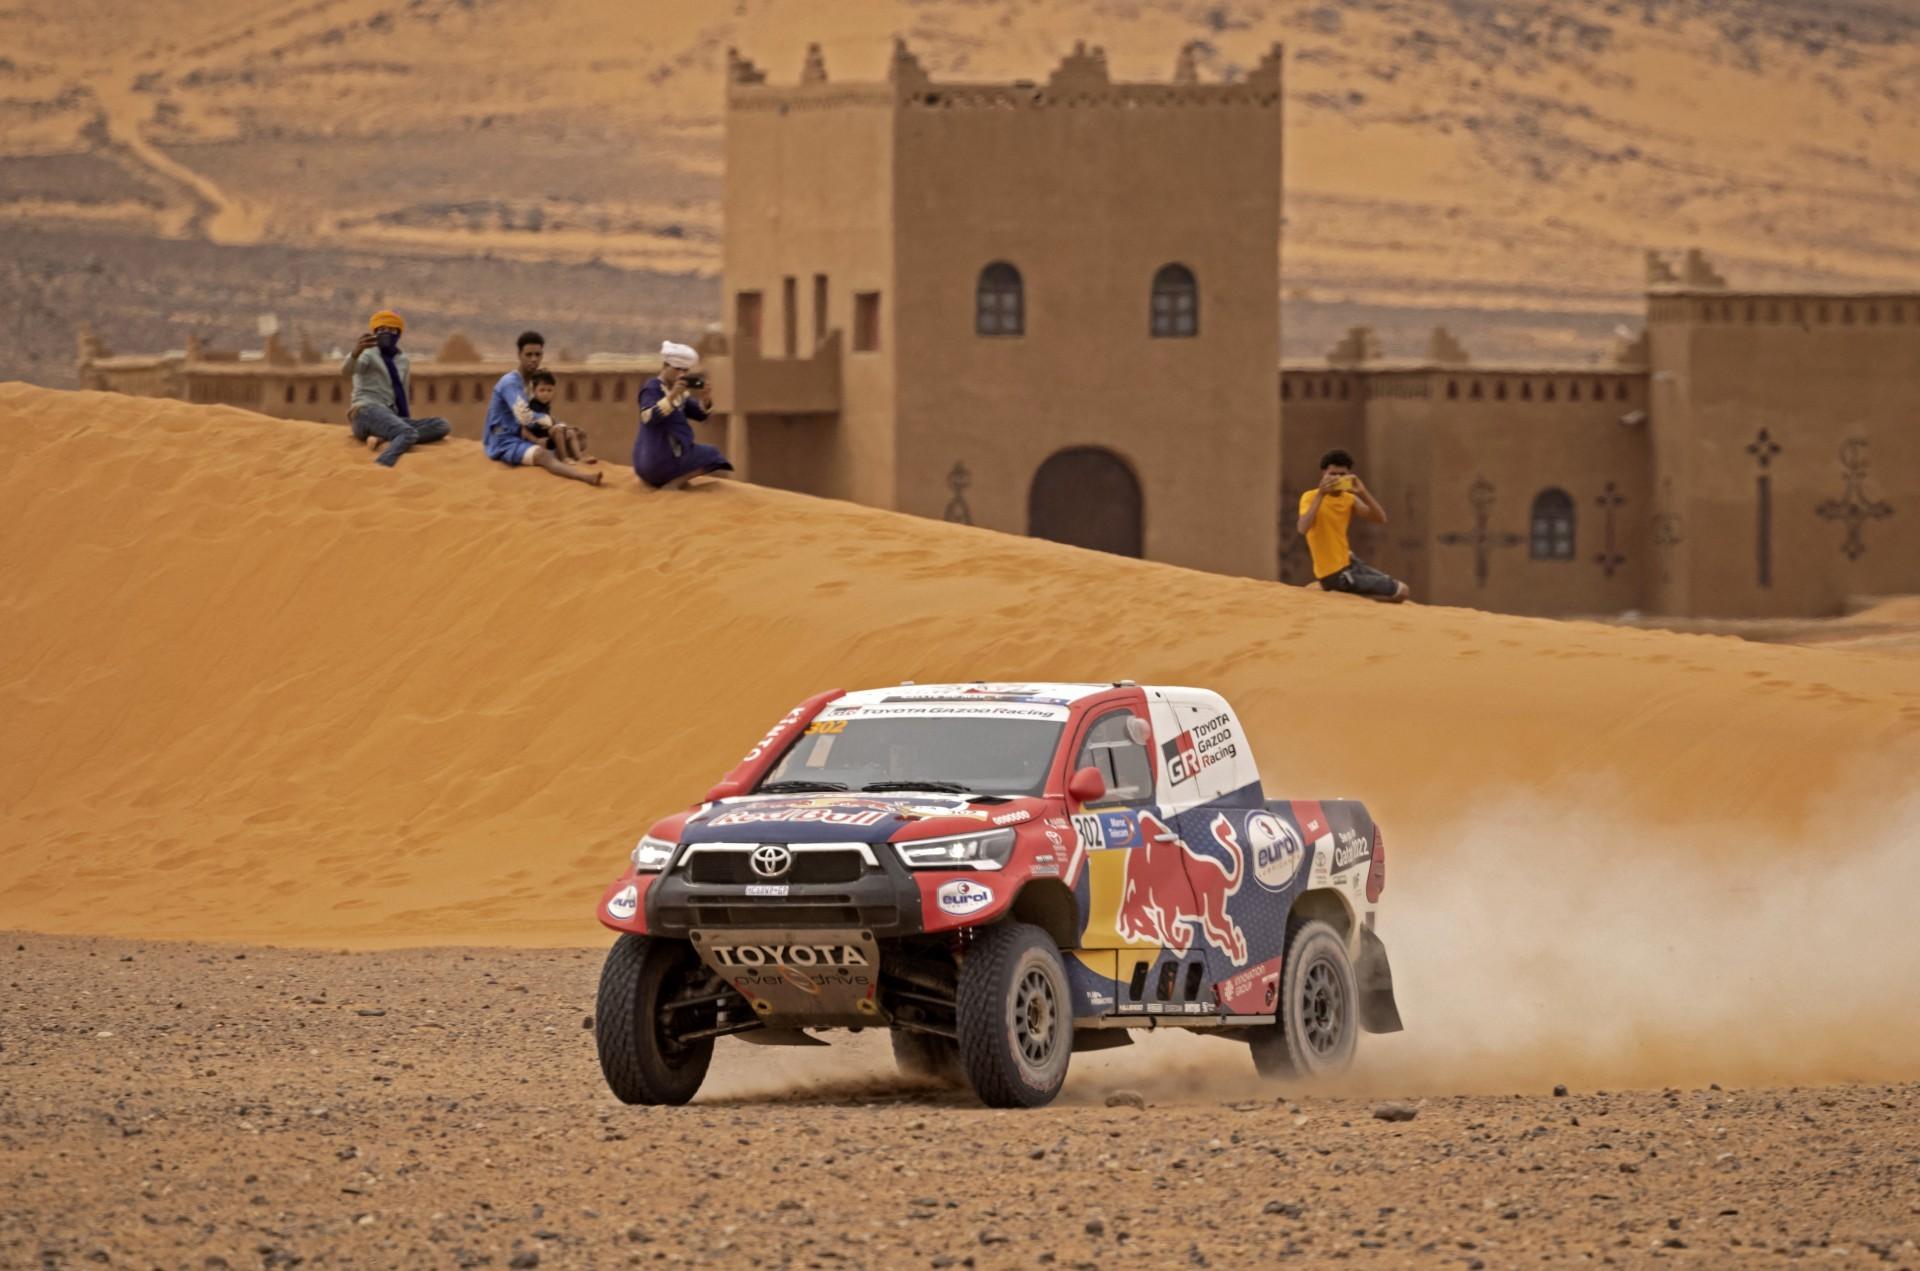 Rally realizado no deserto do Marrocos (Foto: FADEL SENNA / AFP)